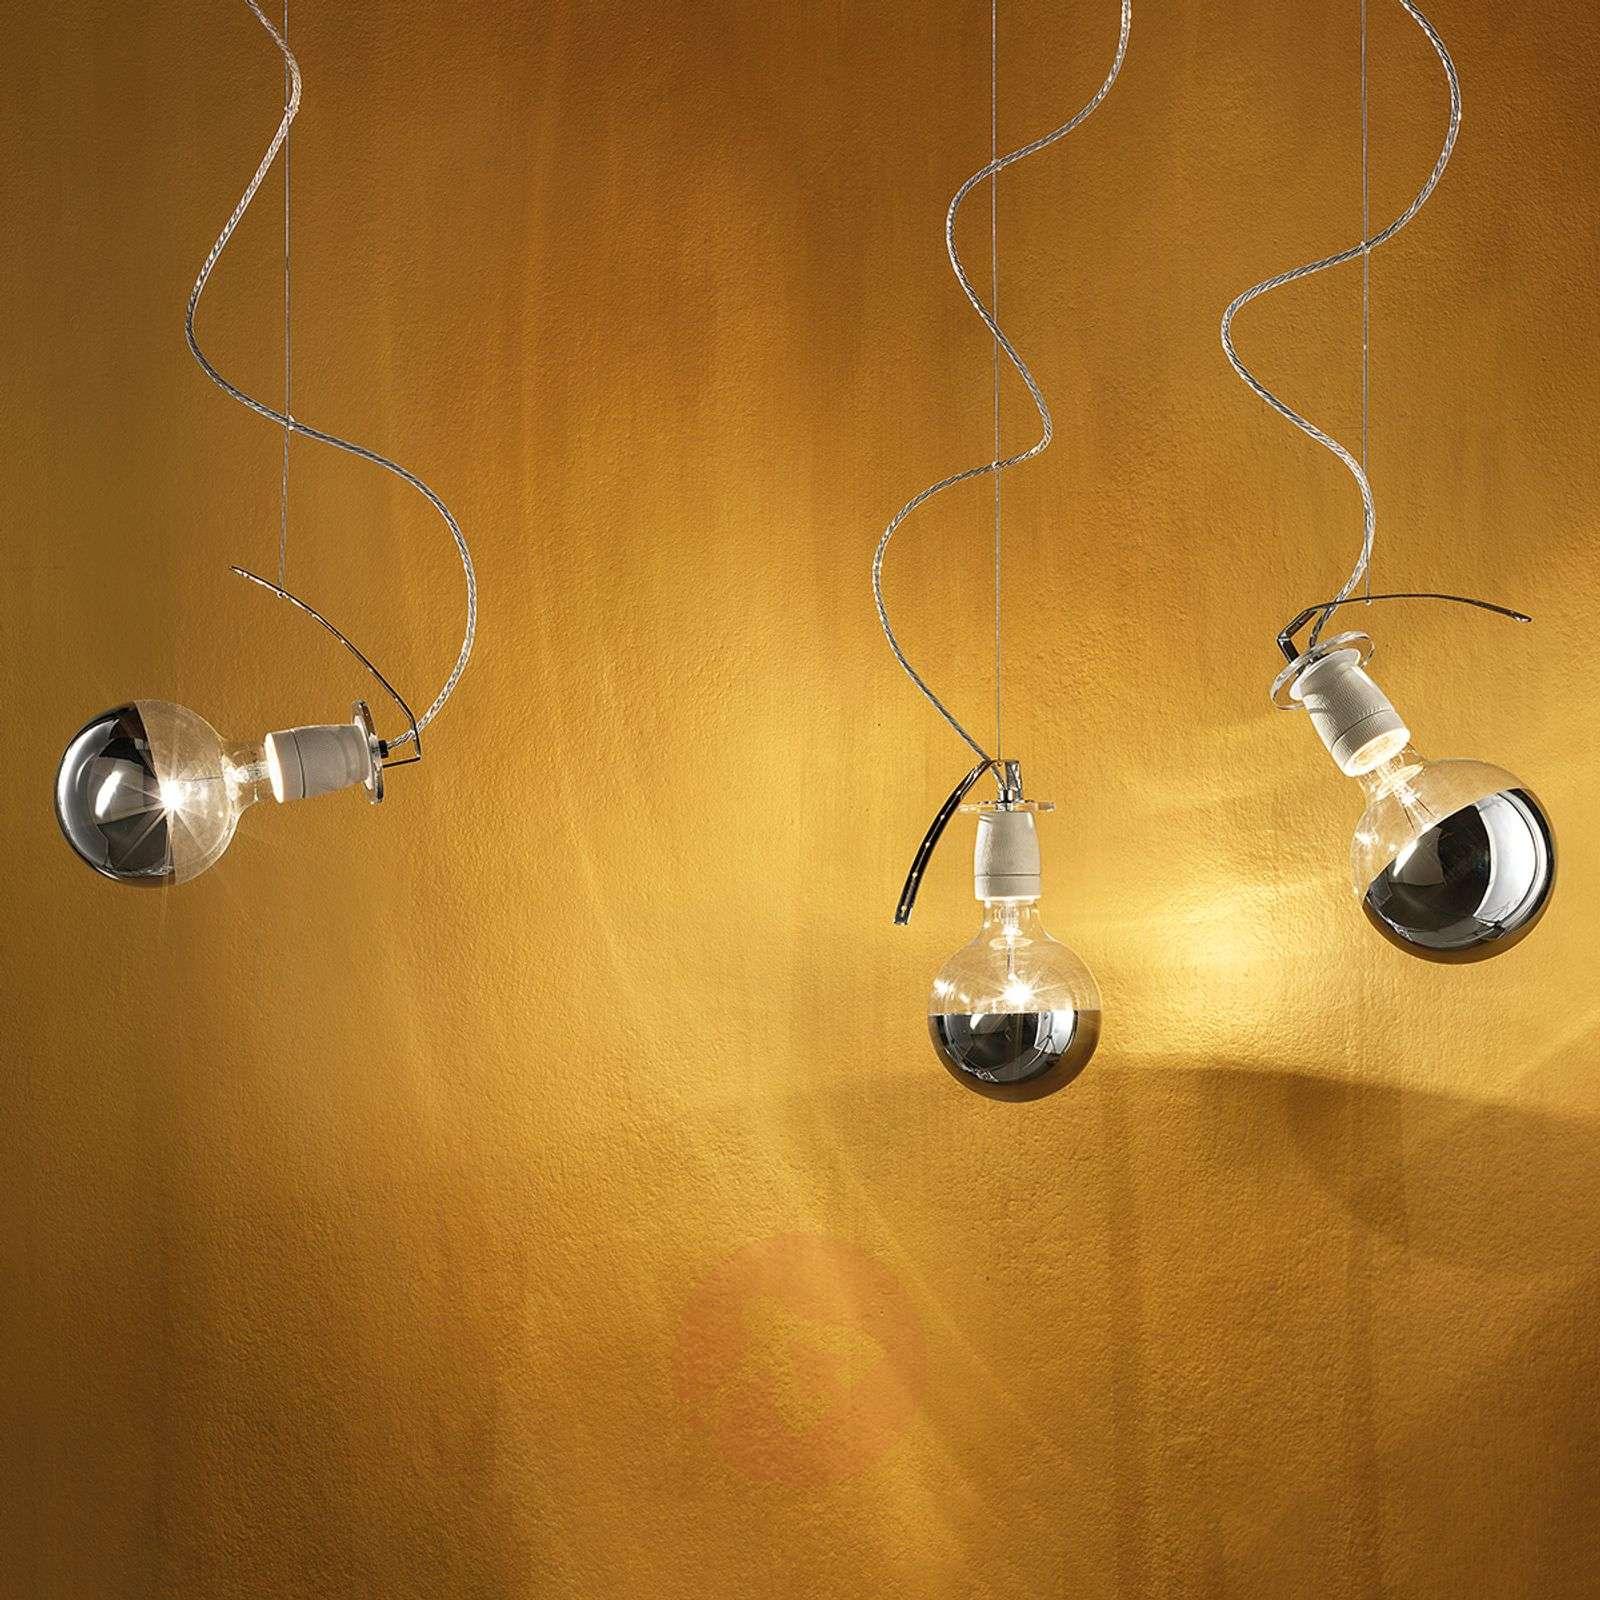 Kolmilamppuinen riippuvalo Orchestra 2-1552046-01